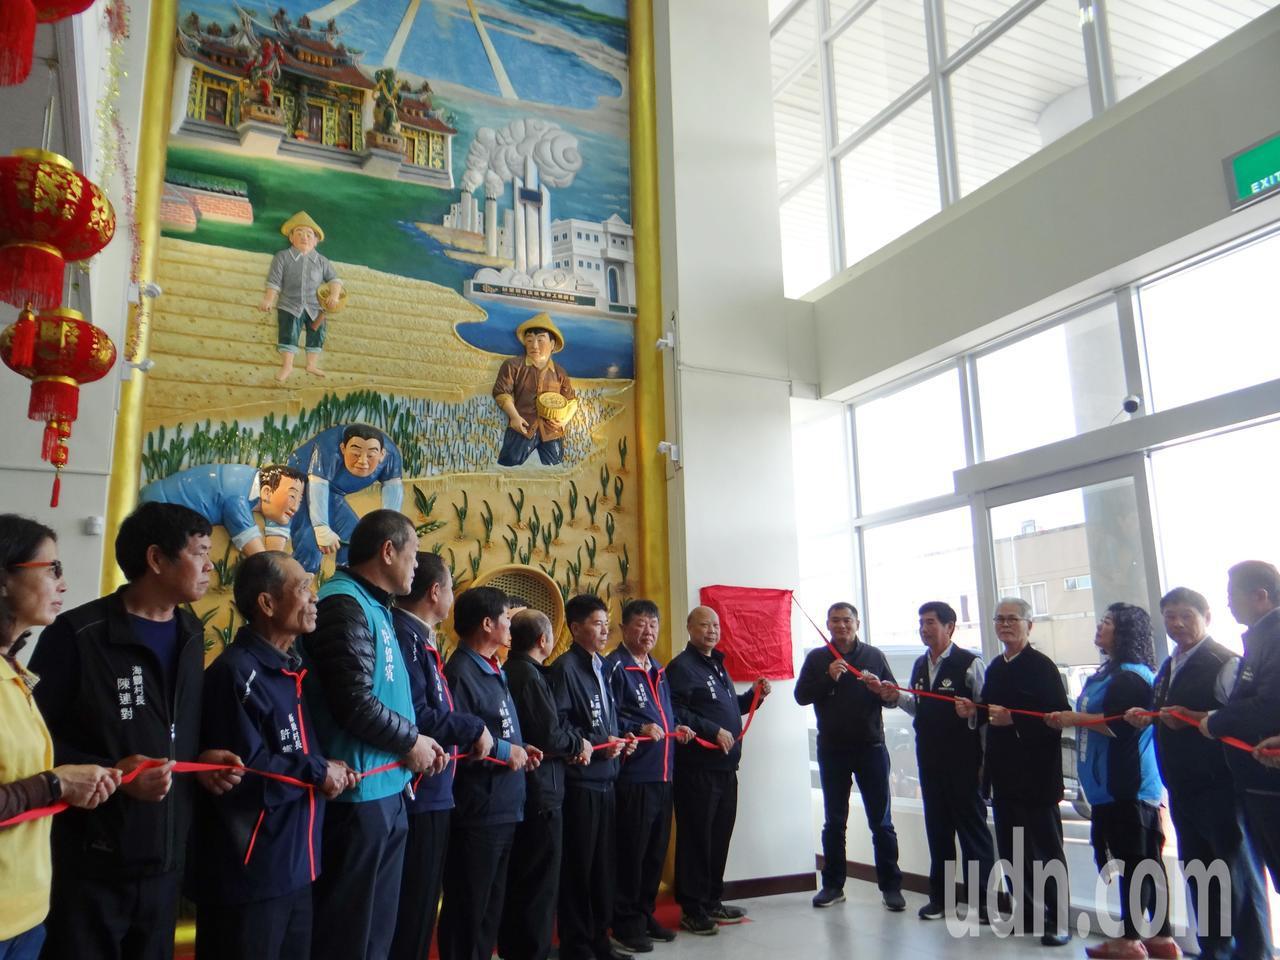 雲林縣麥寮鄉公所請來國寶級交趾陶大師呂勝南在公所內部打造藝術浮雕牆,昨天揭幕,讓...